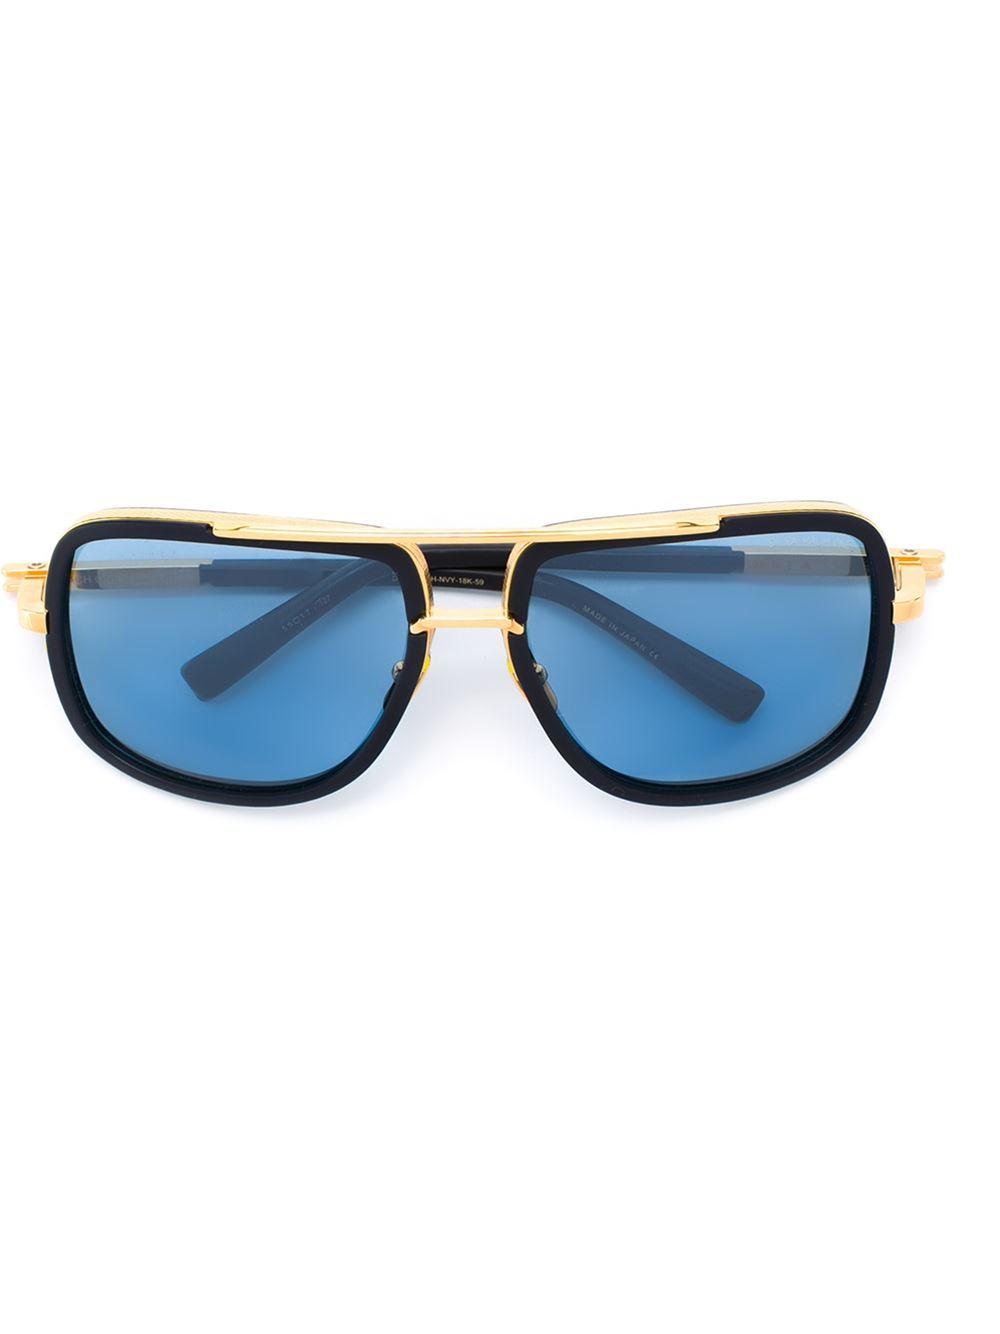 91aee9bd207a Lyst - Dita Eyewear  mach One  Sunglasses in Black for Men